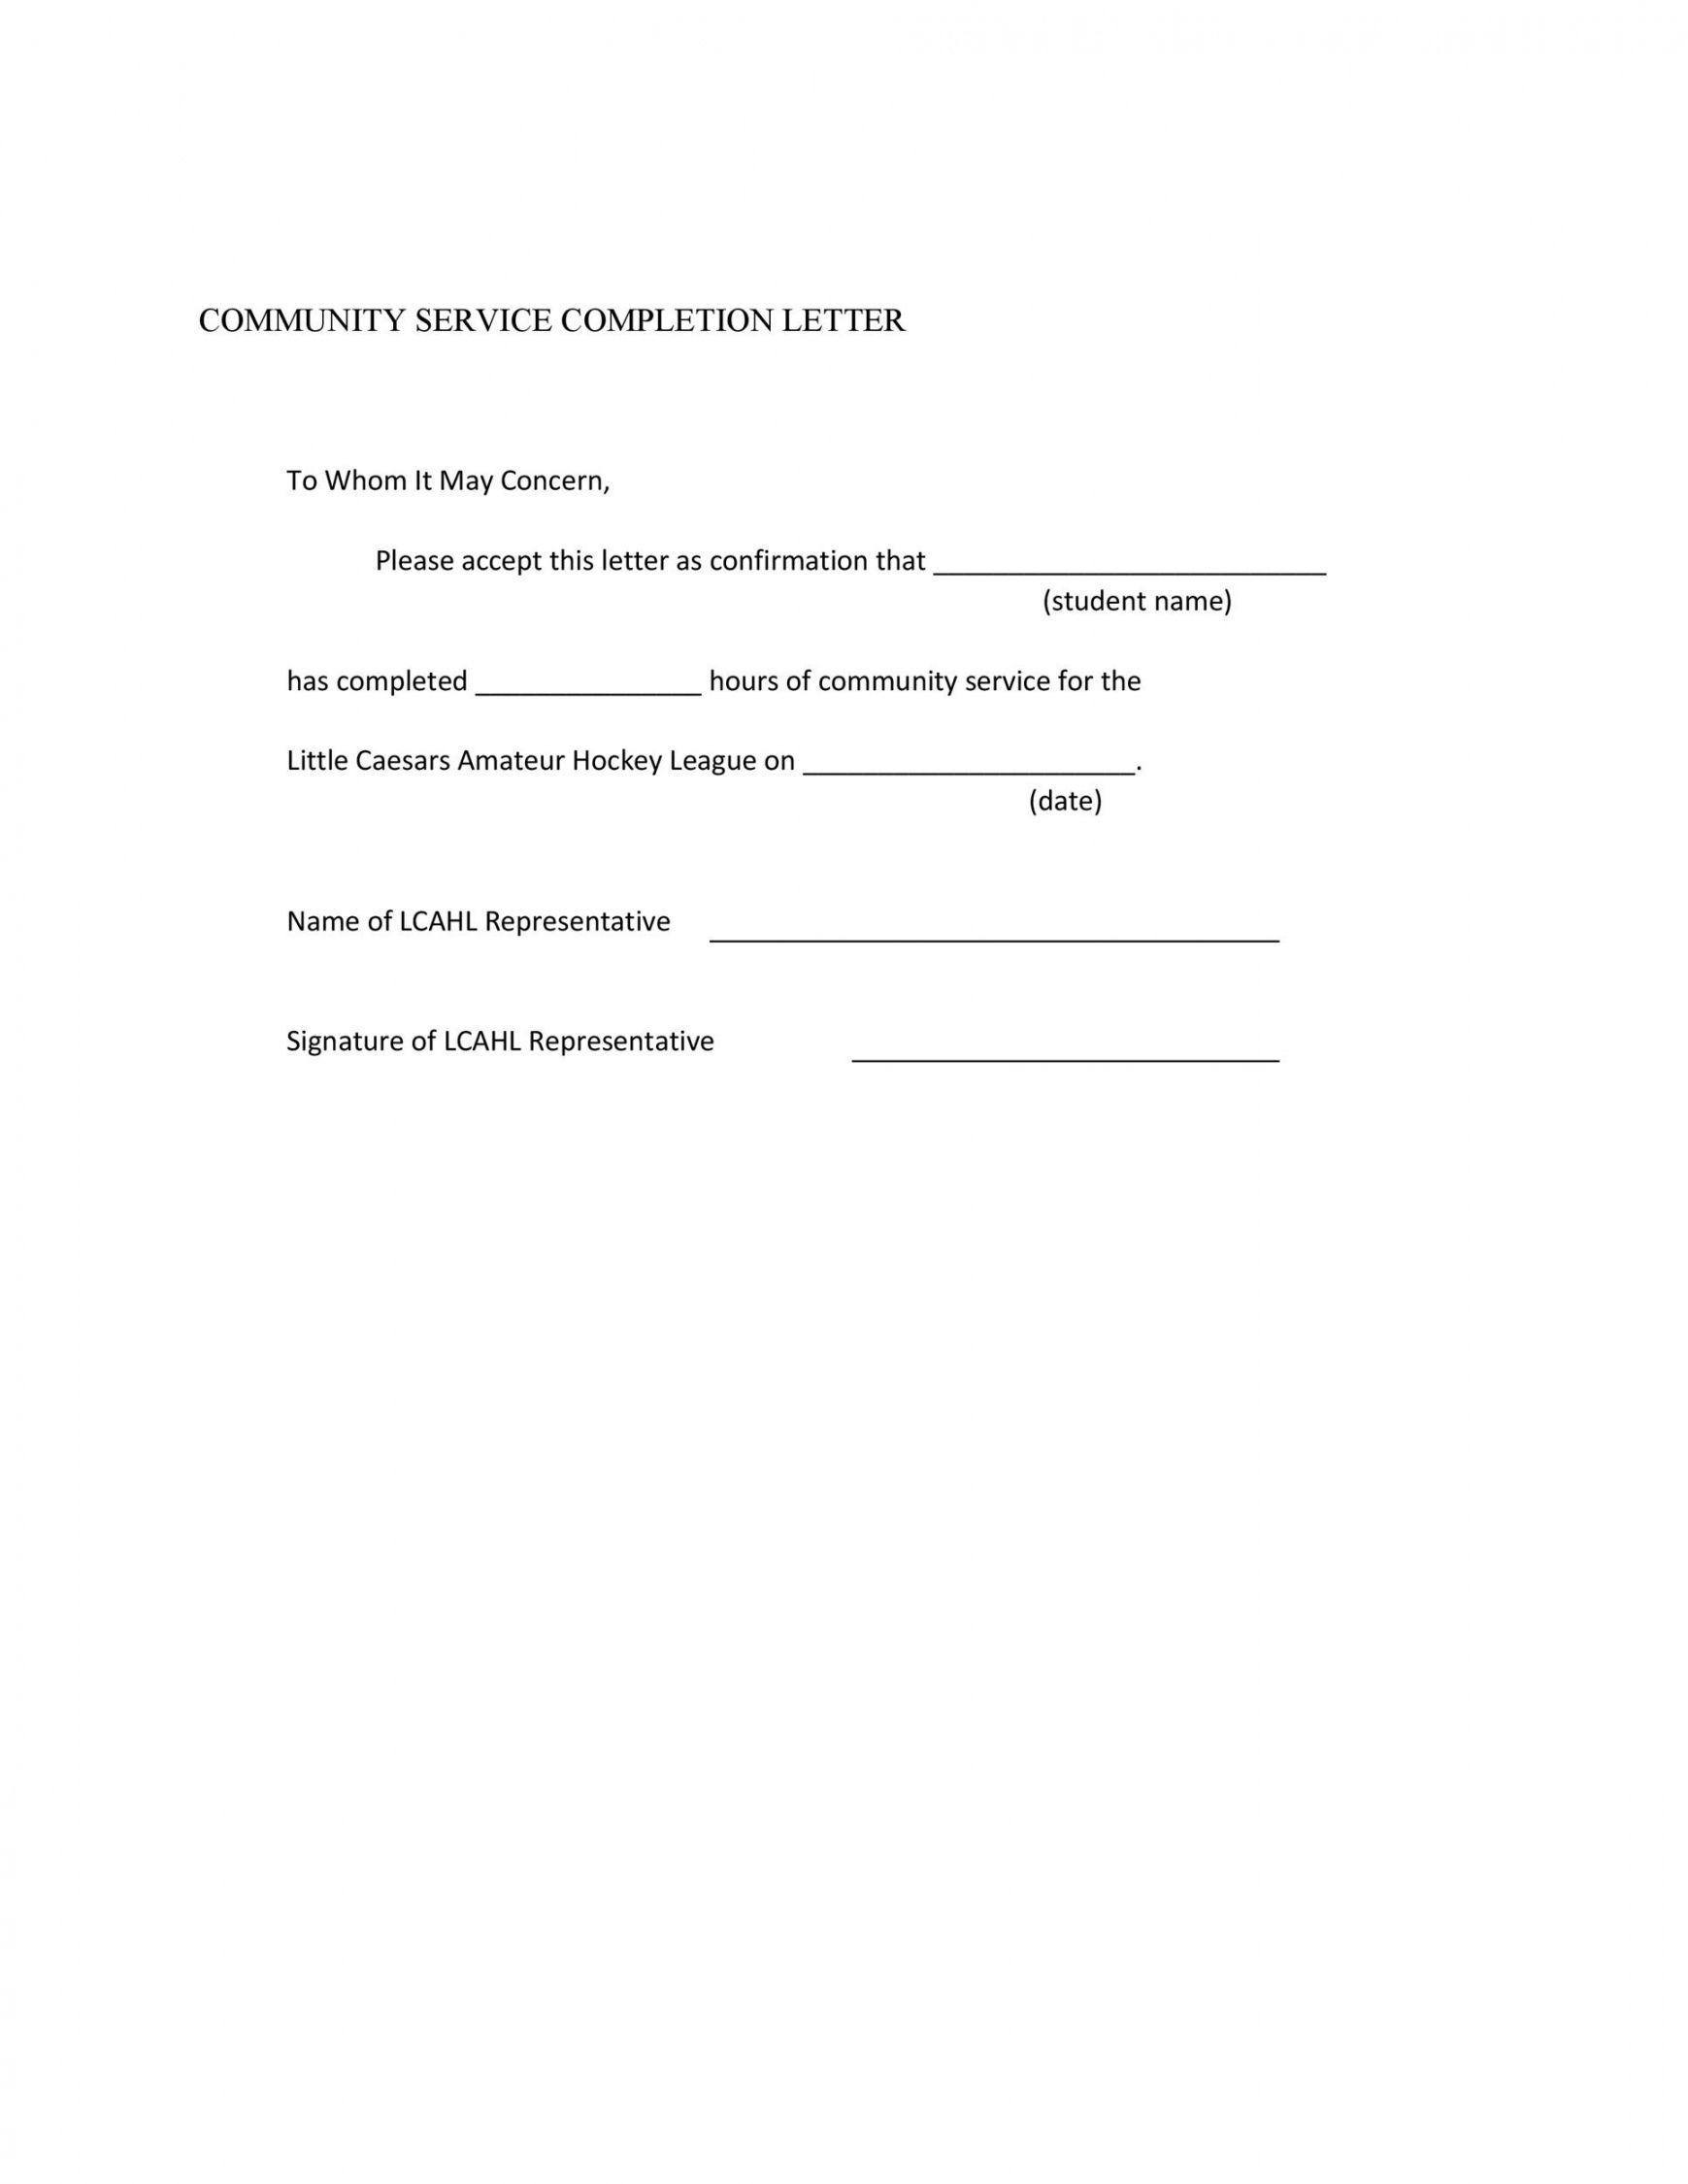 Buy diploma paper online